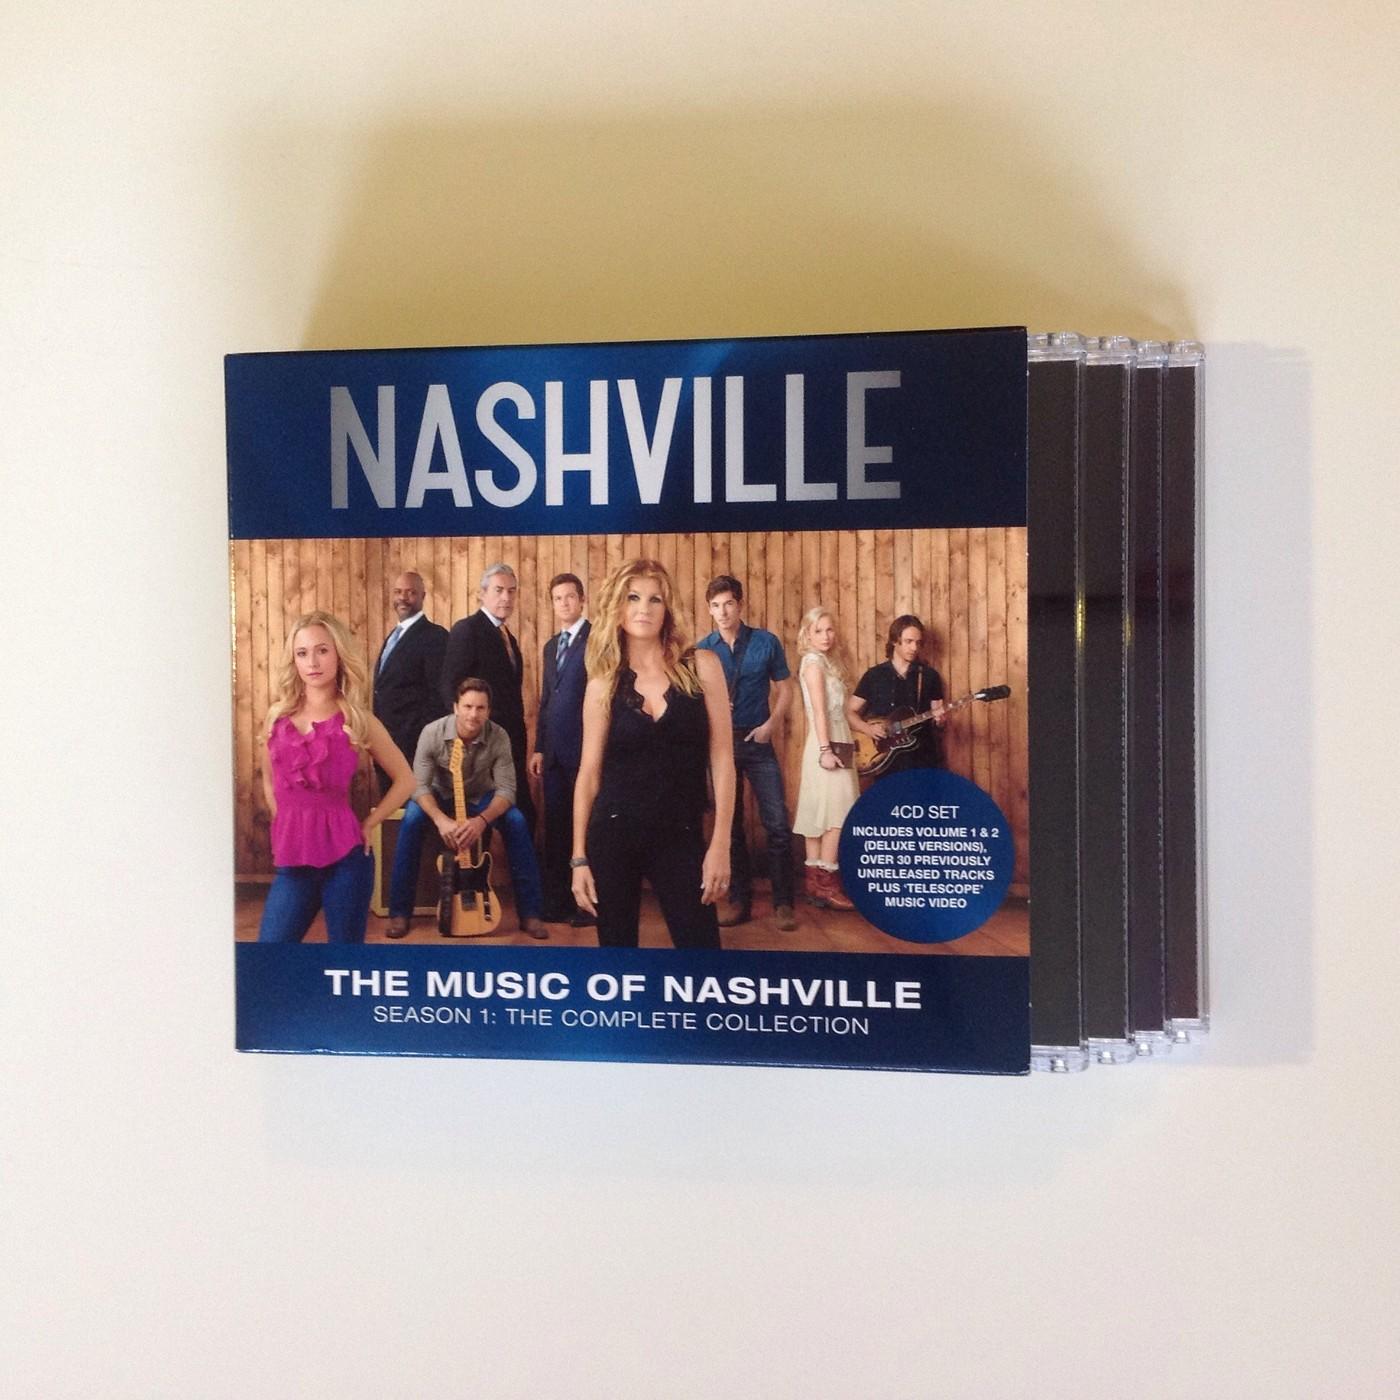 NashvilleCD.jpg